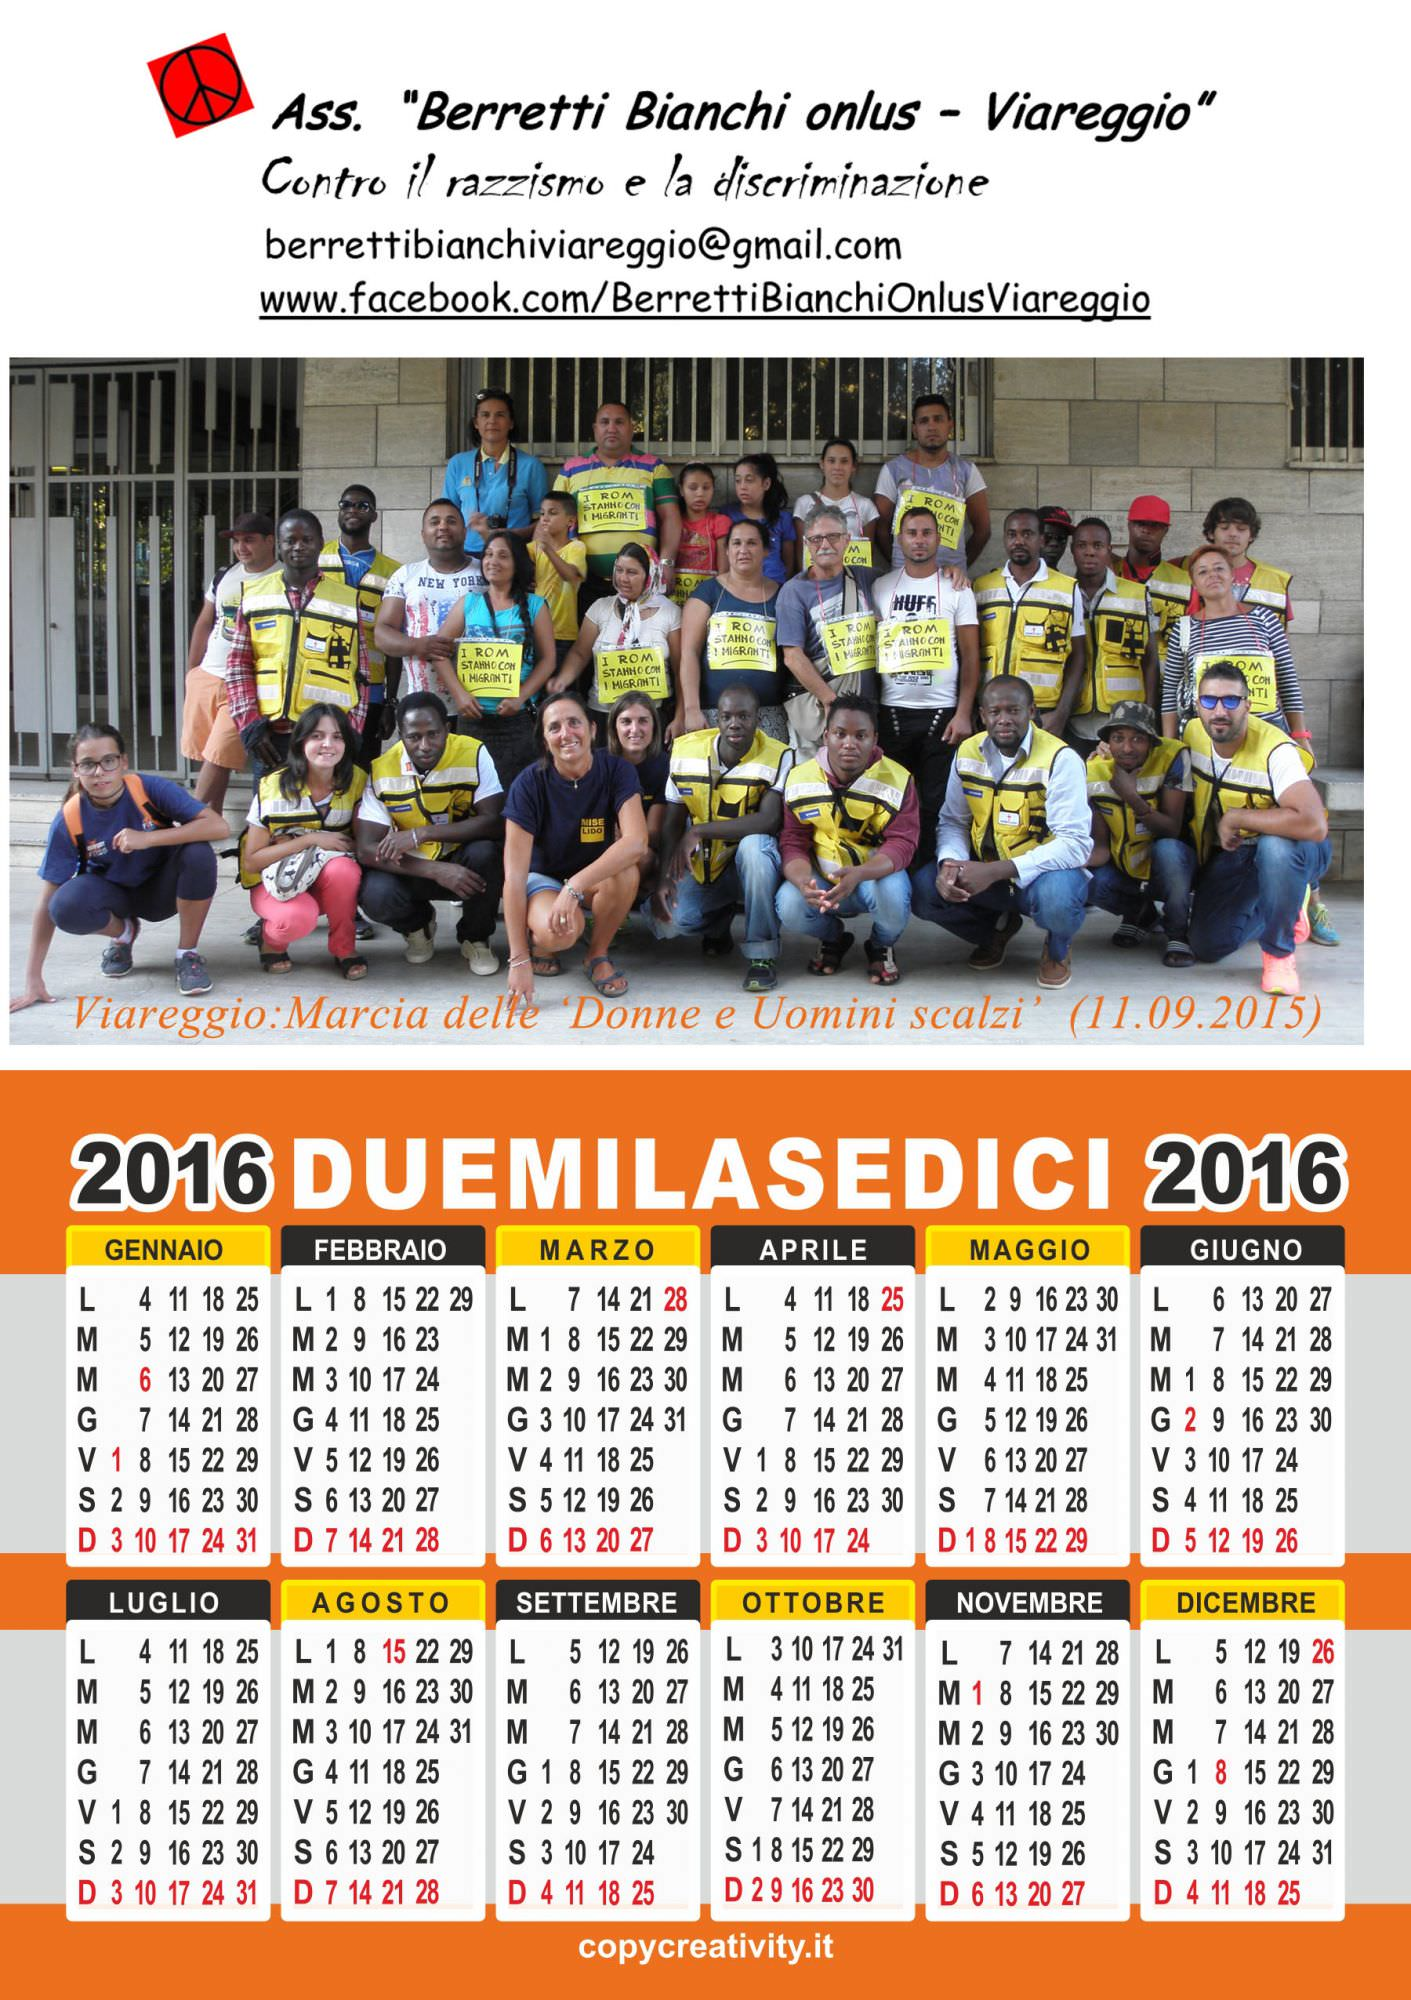 Dedicato ai migranti il calendario 2016 dei Berretti Bianchi